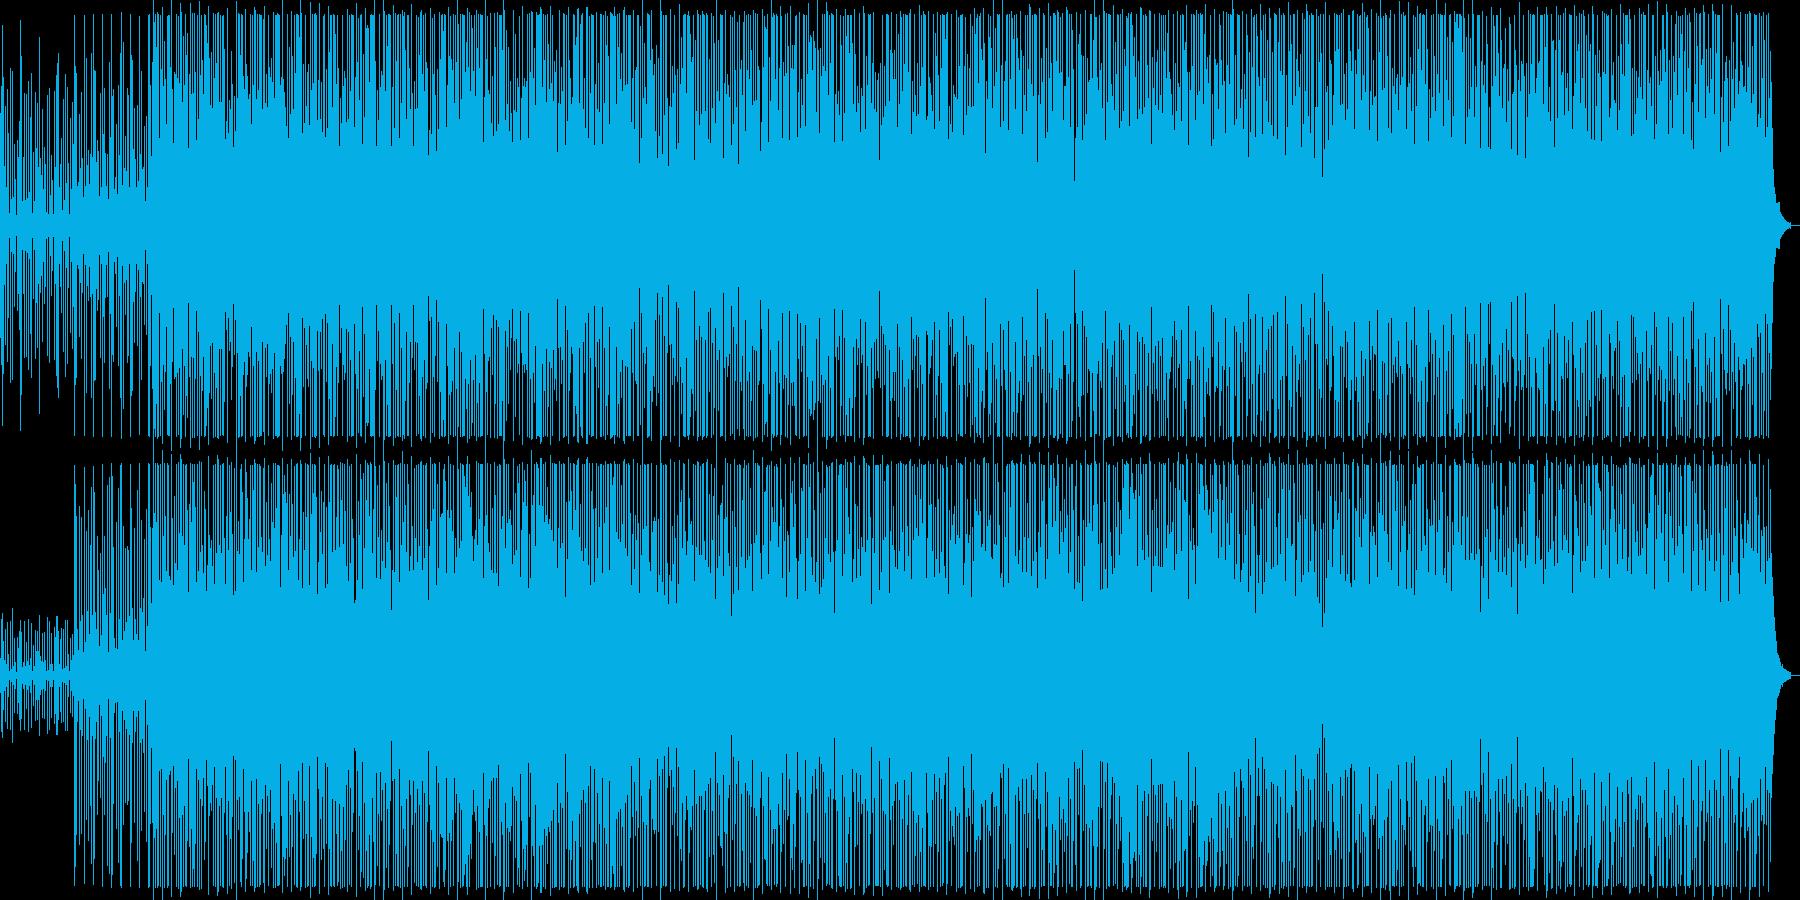 緊張感のシンセ弦楽器ポップテクノ系の再生済みの波形